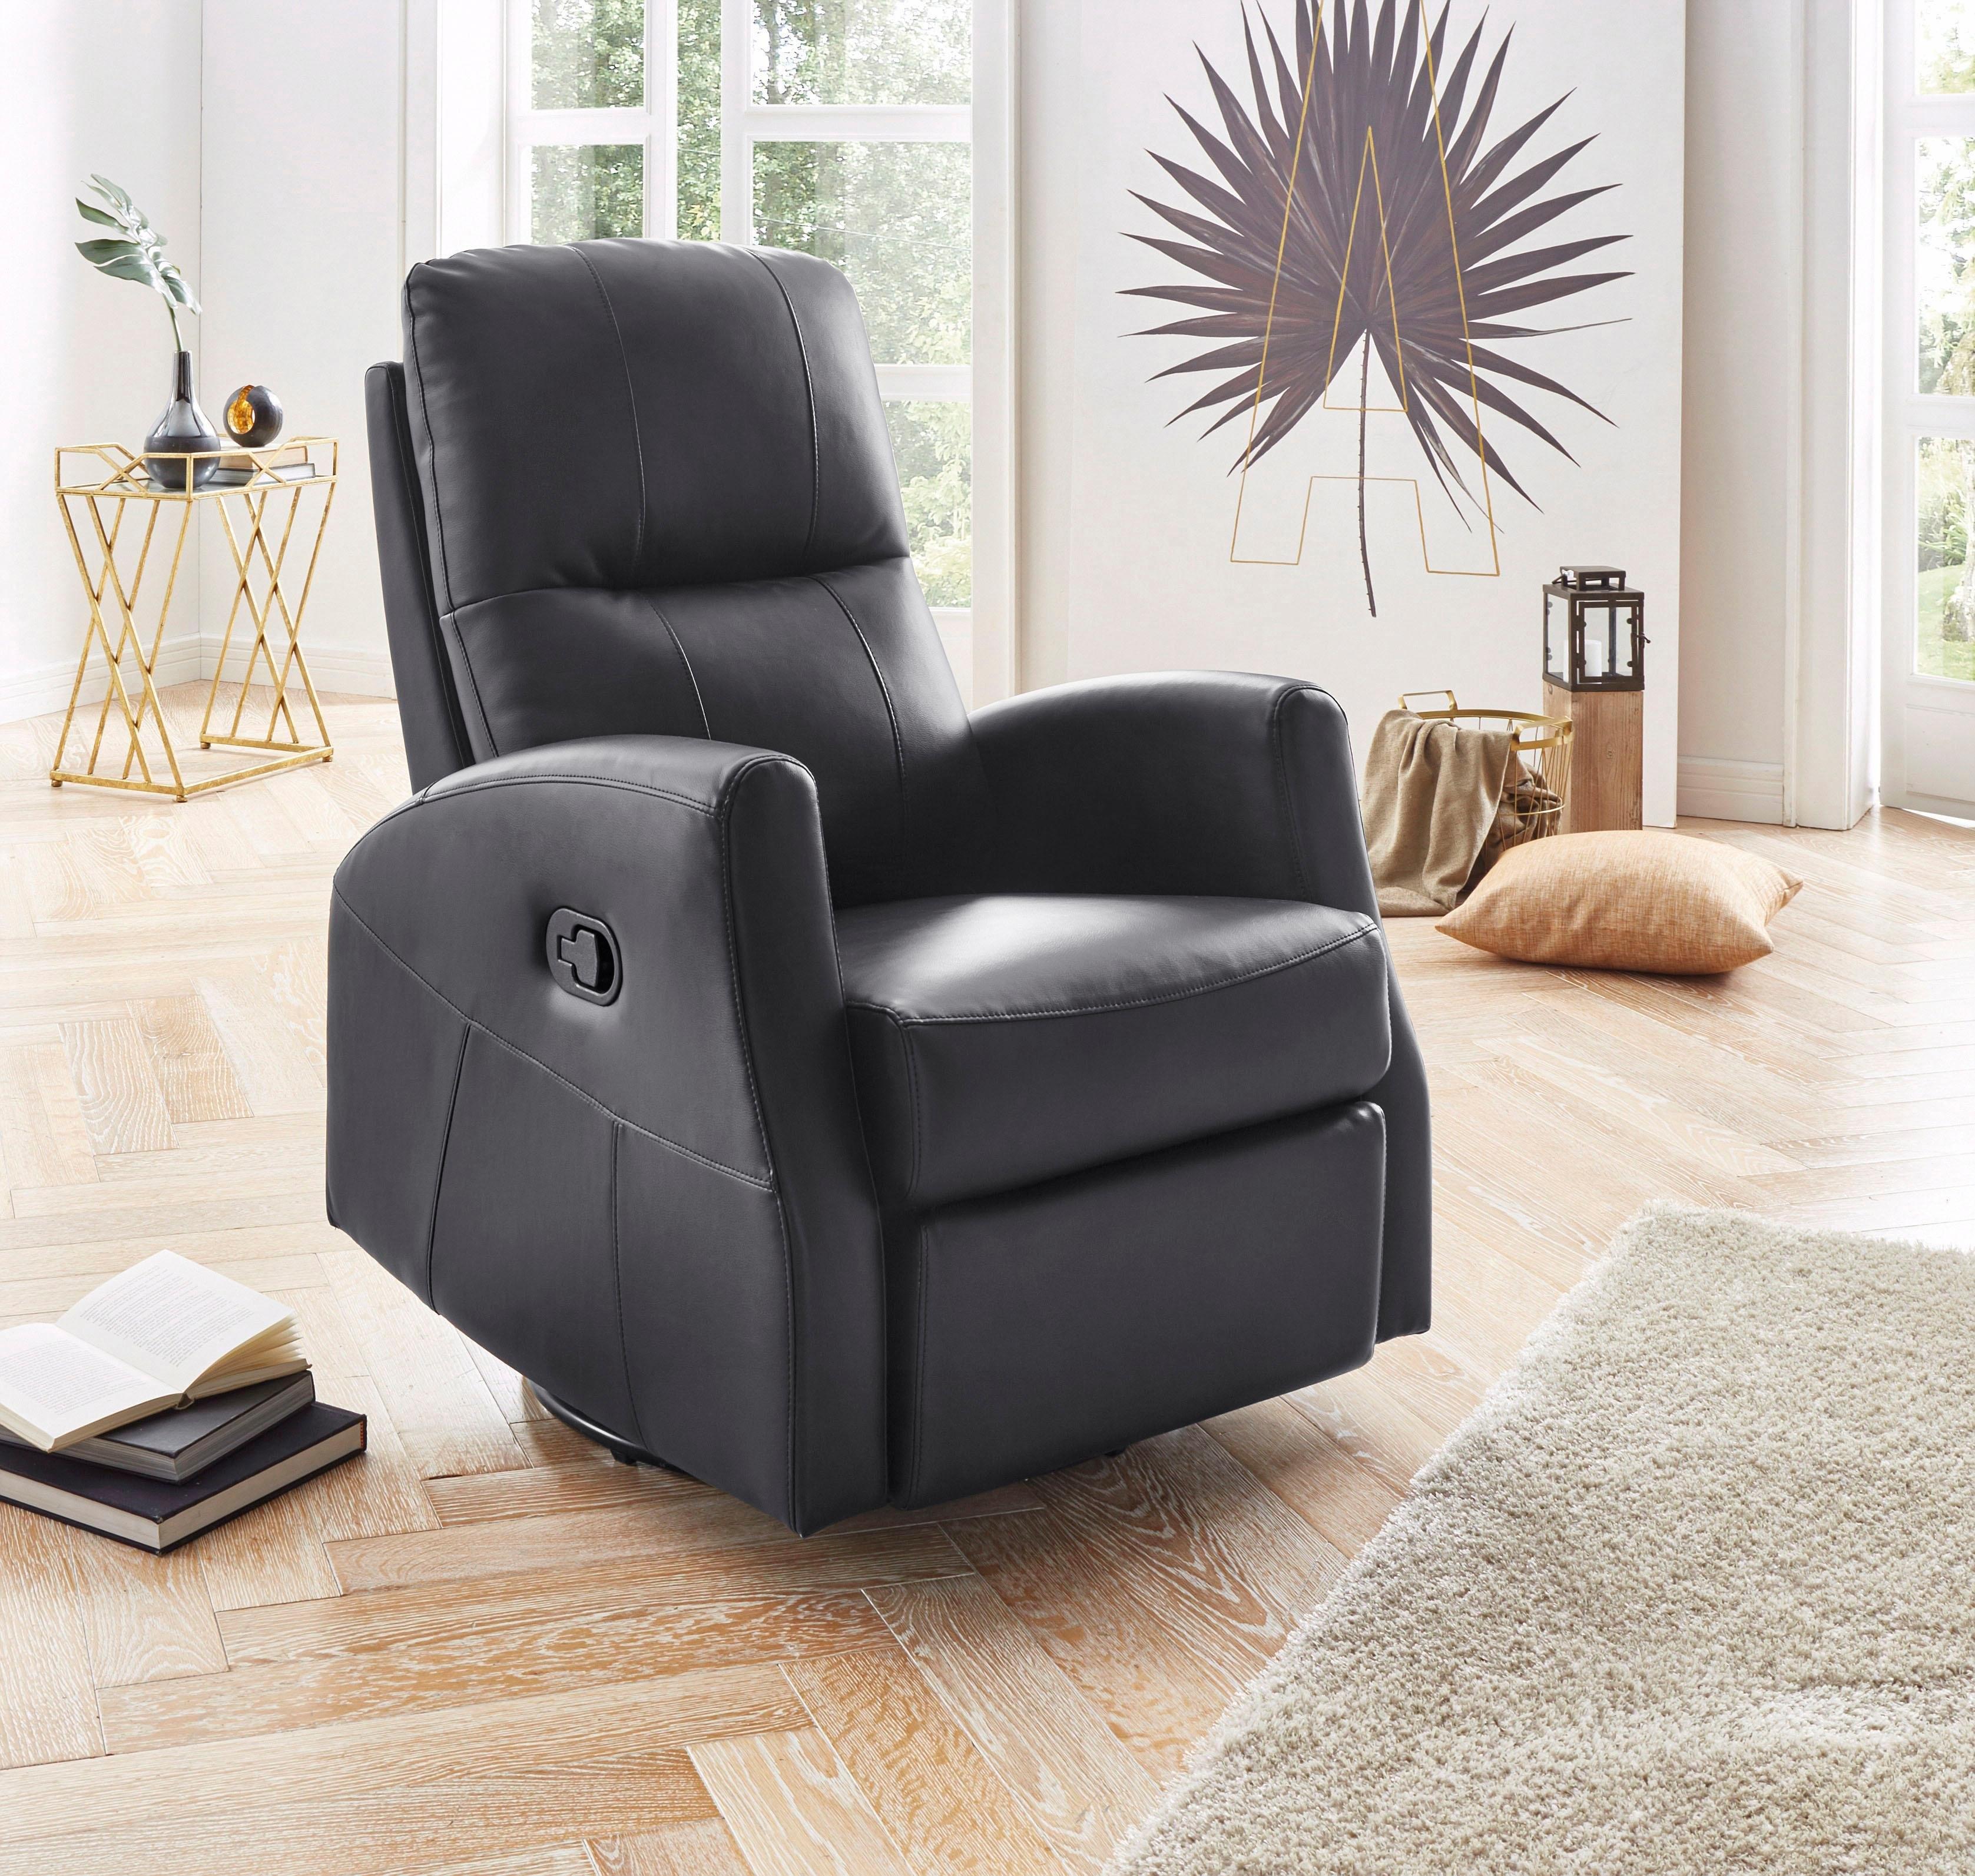 ATLANTIC home collection relaxfauteuil, met binnenvering veilig op otto.nl kopen